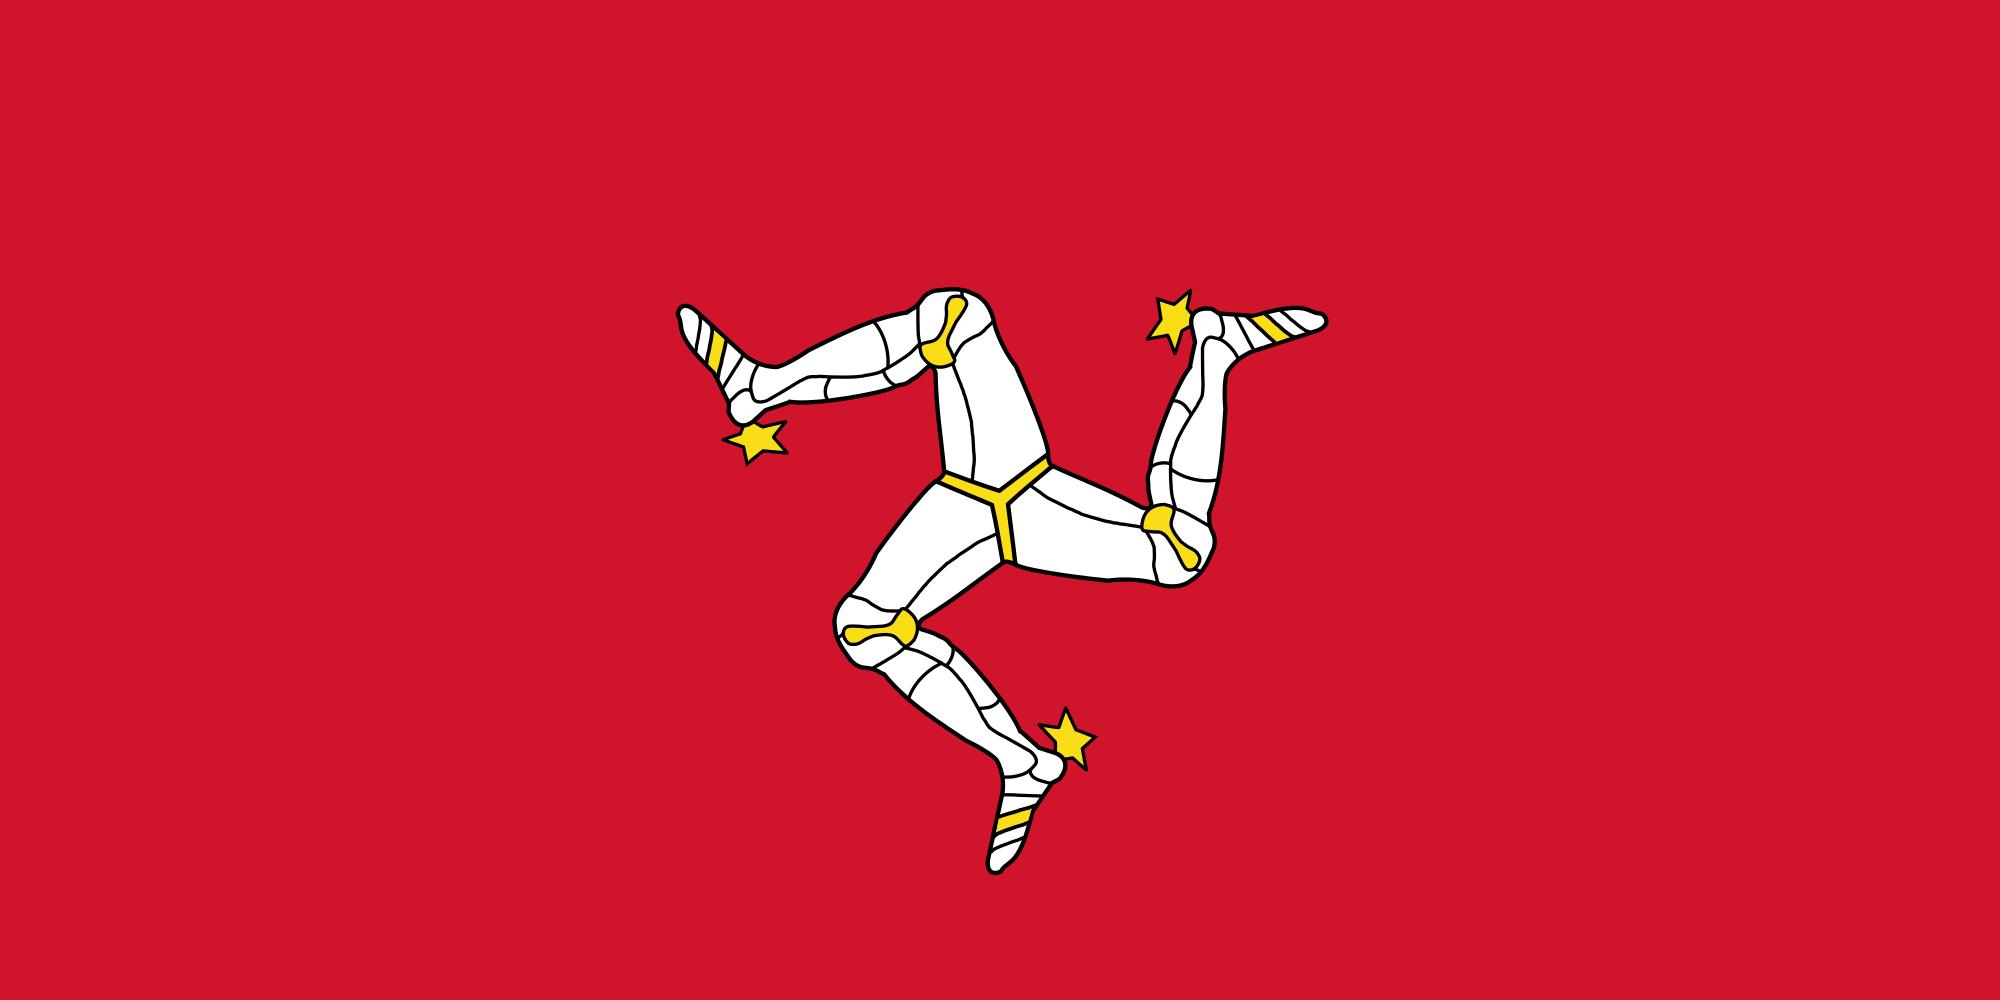 isla de man, país, emblema, insignia, シンボル - HD の壁紙 - 教授-falken.com